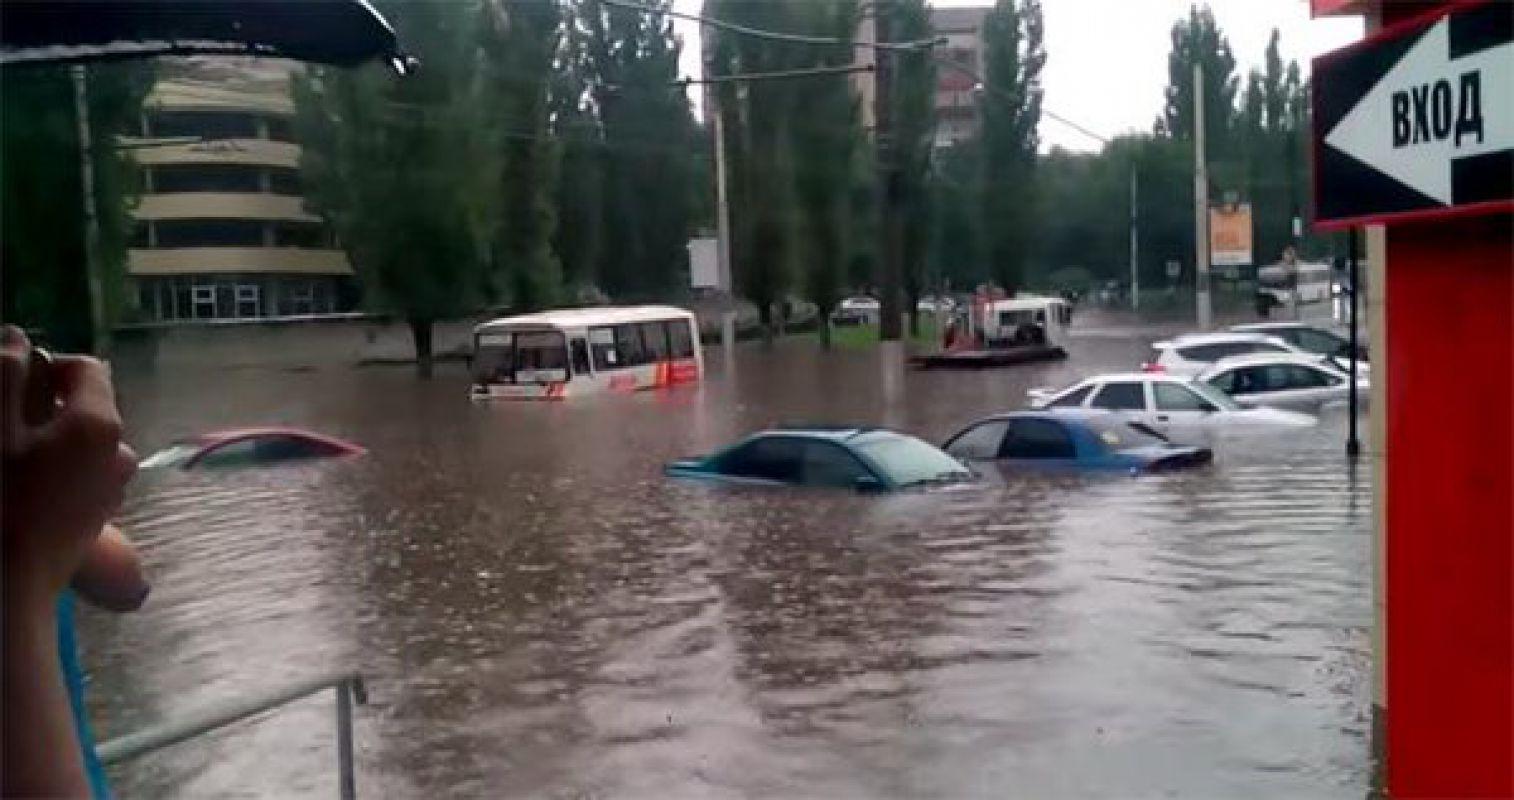 Ученые установили, как глобальное потепление оказывает большое влияние на наводнения в Европе